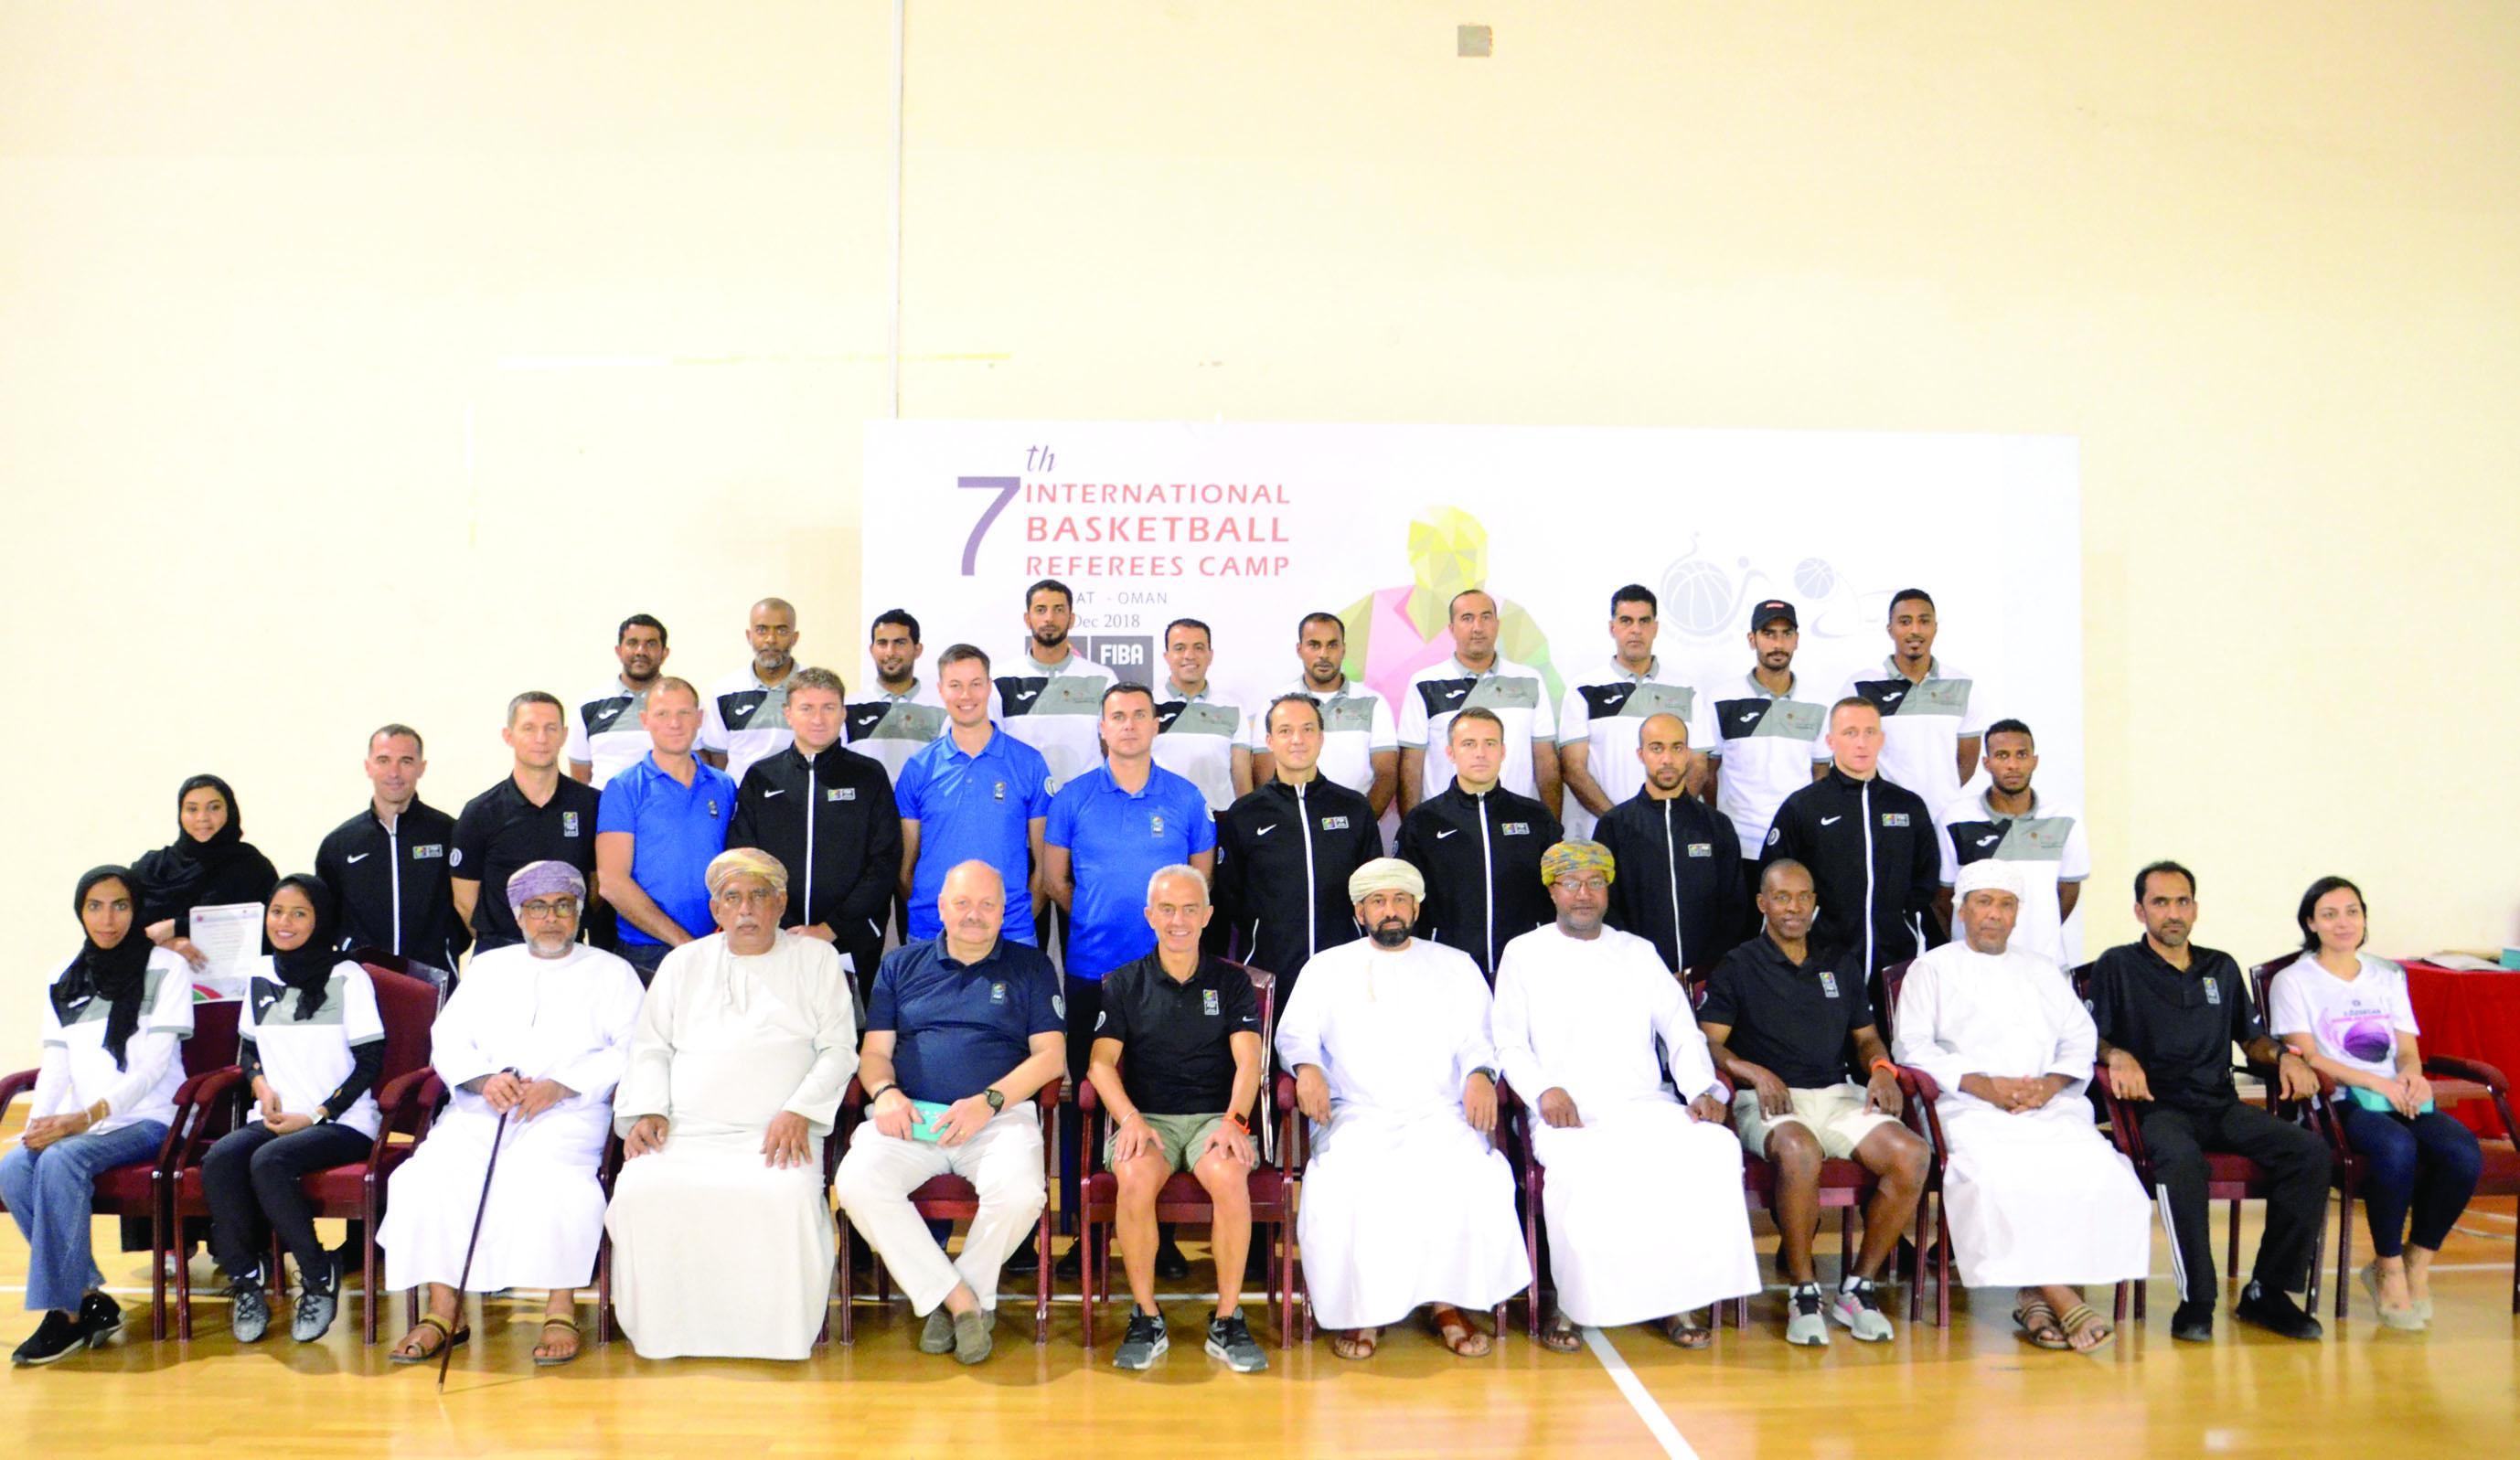 ختام أعمال المعسكر الدولي السابع لحكام كرة السلة